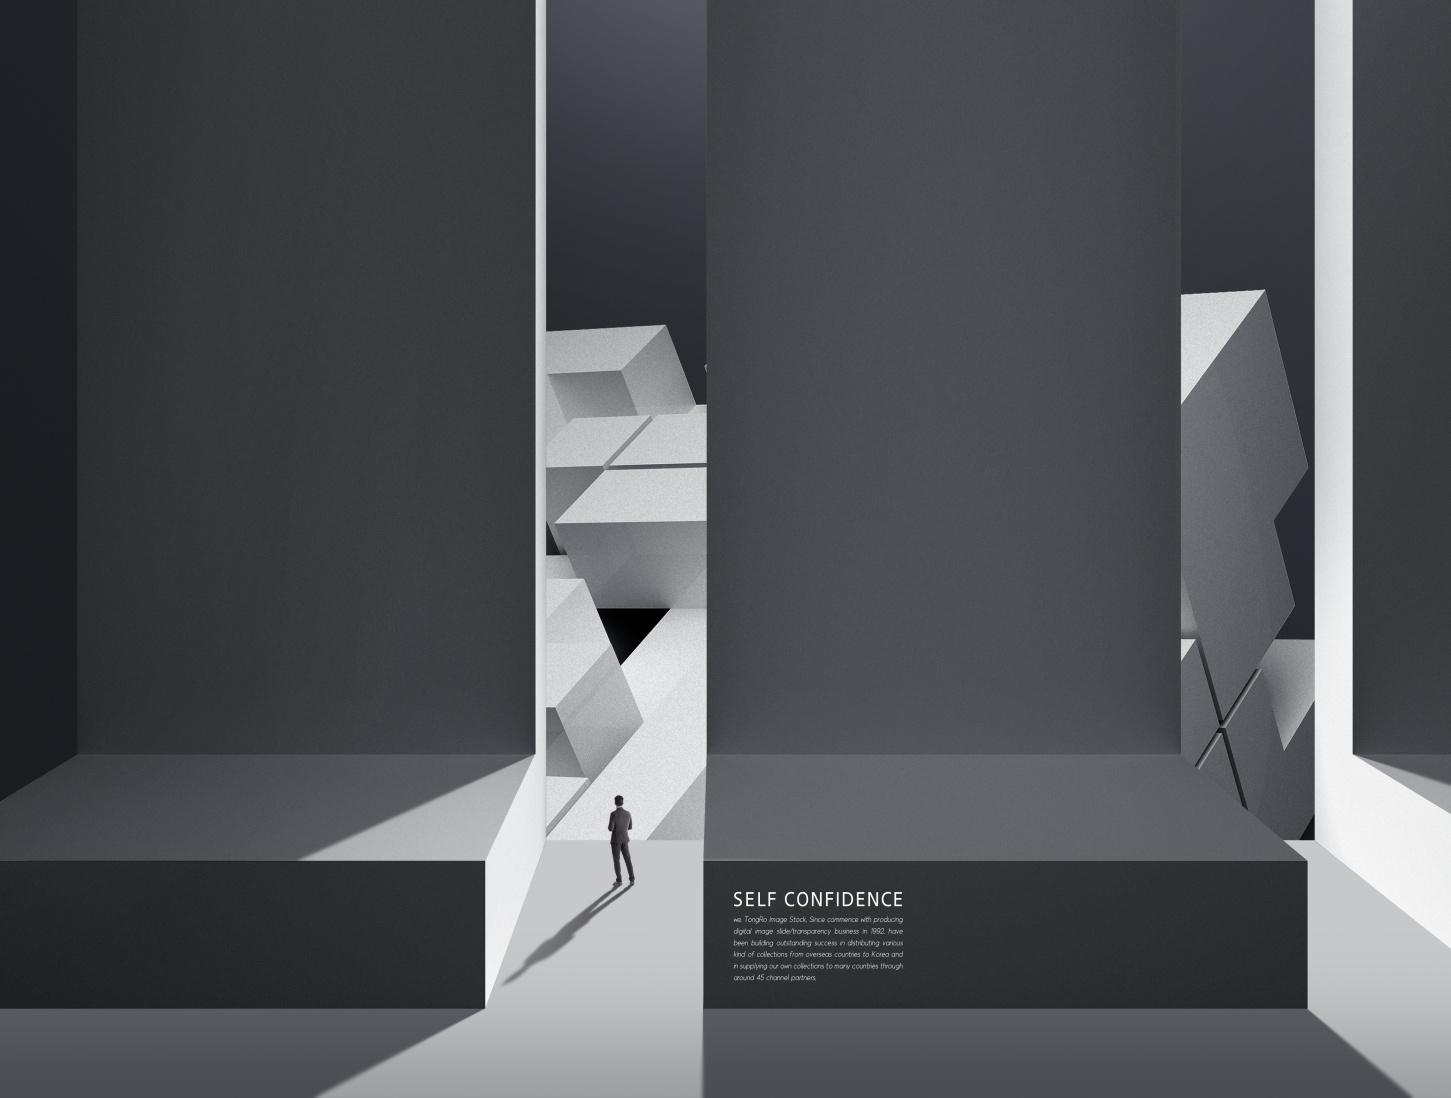 [单独购买] 12款创意黑白几何虚拟空间企业文化宣传主视觉海报设计PS素材模板 Virtual Space Sale Poster Template插图6